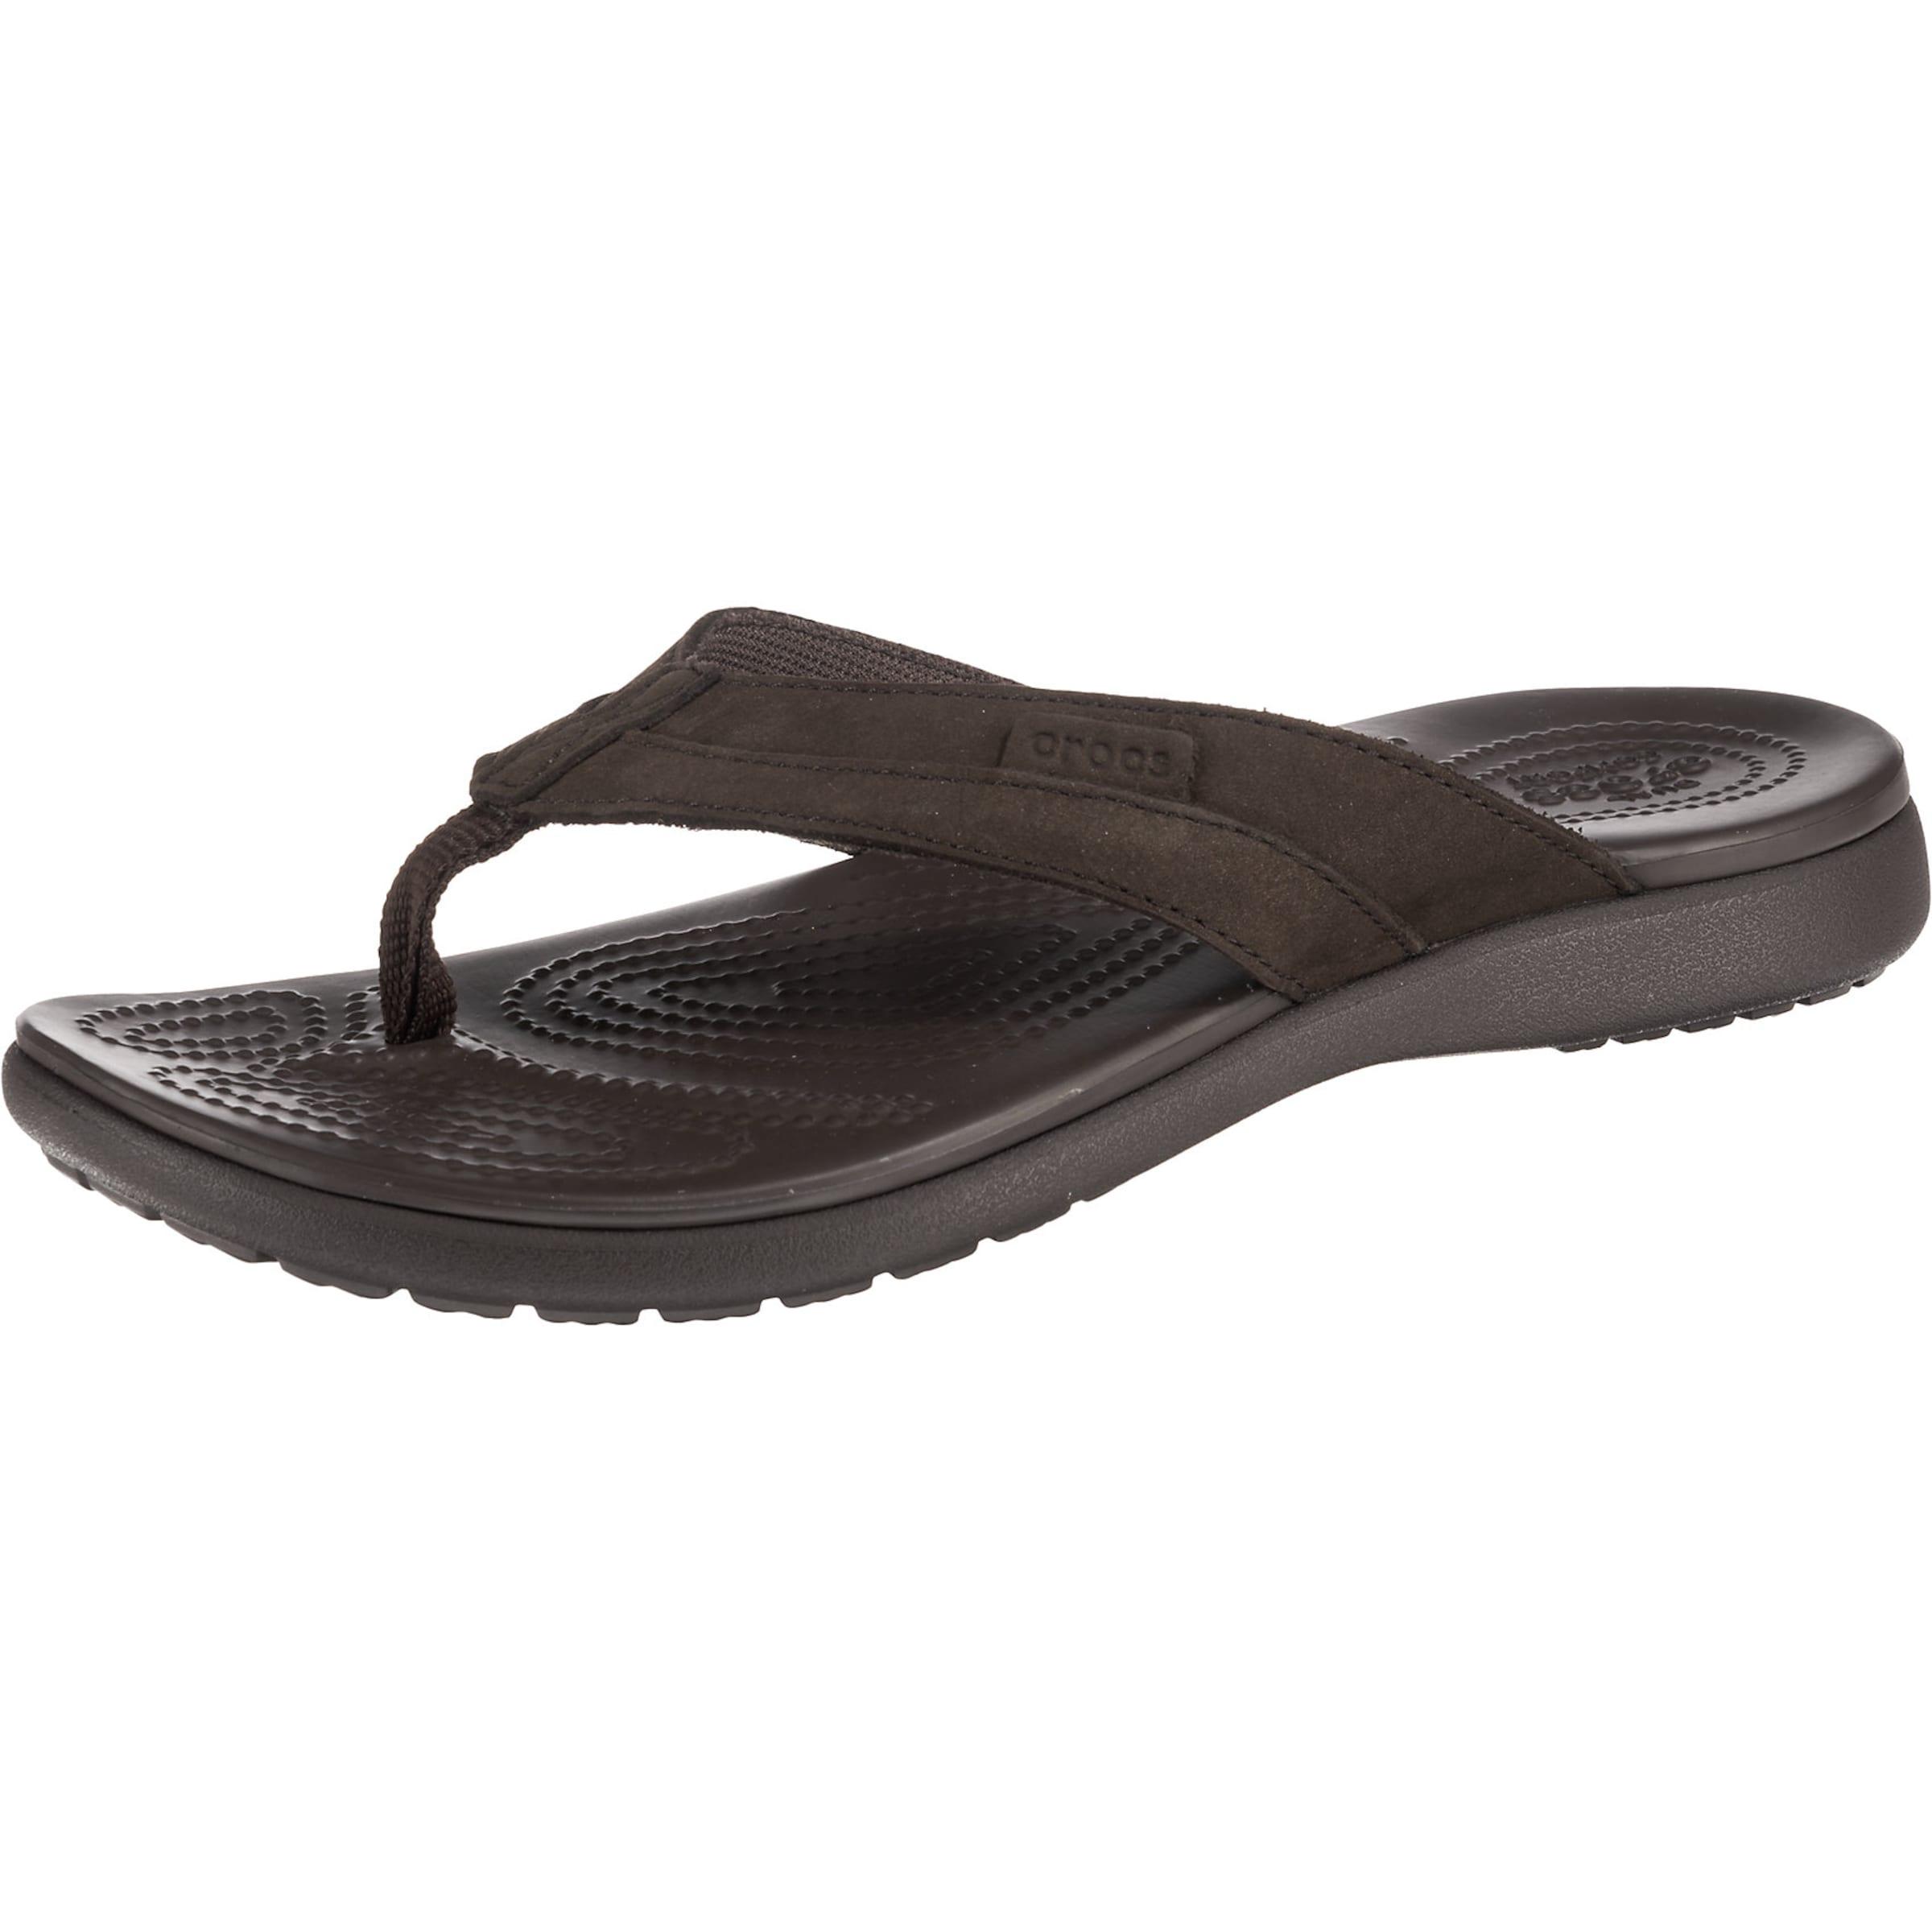 Herren Crocs Santa Cruz Leather Flip M Esp/Esp Zehentrenner braun | 00191448313859